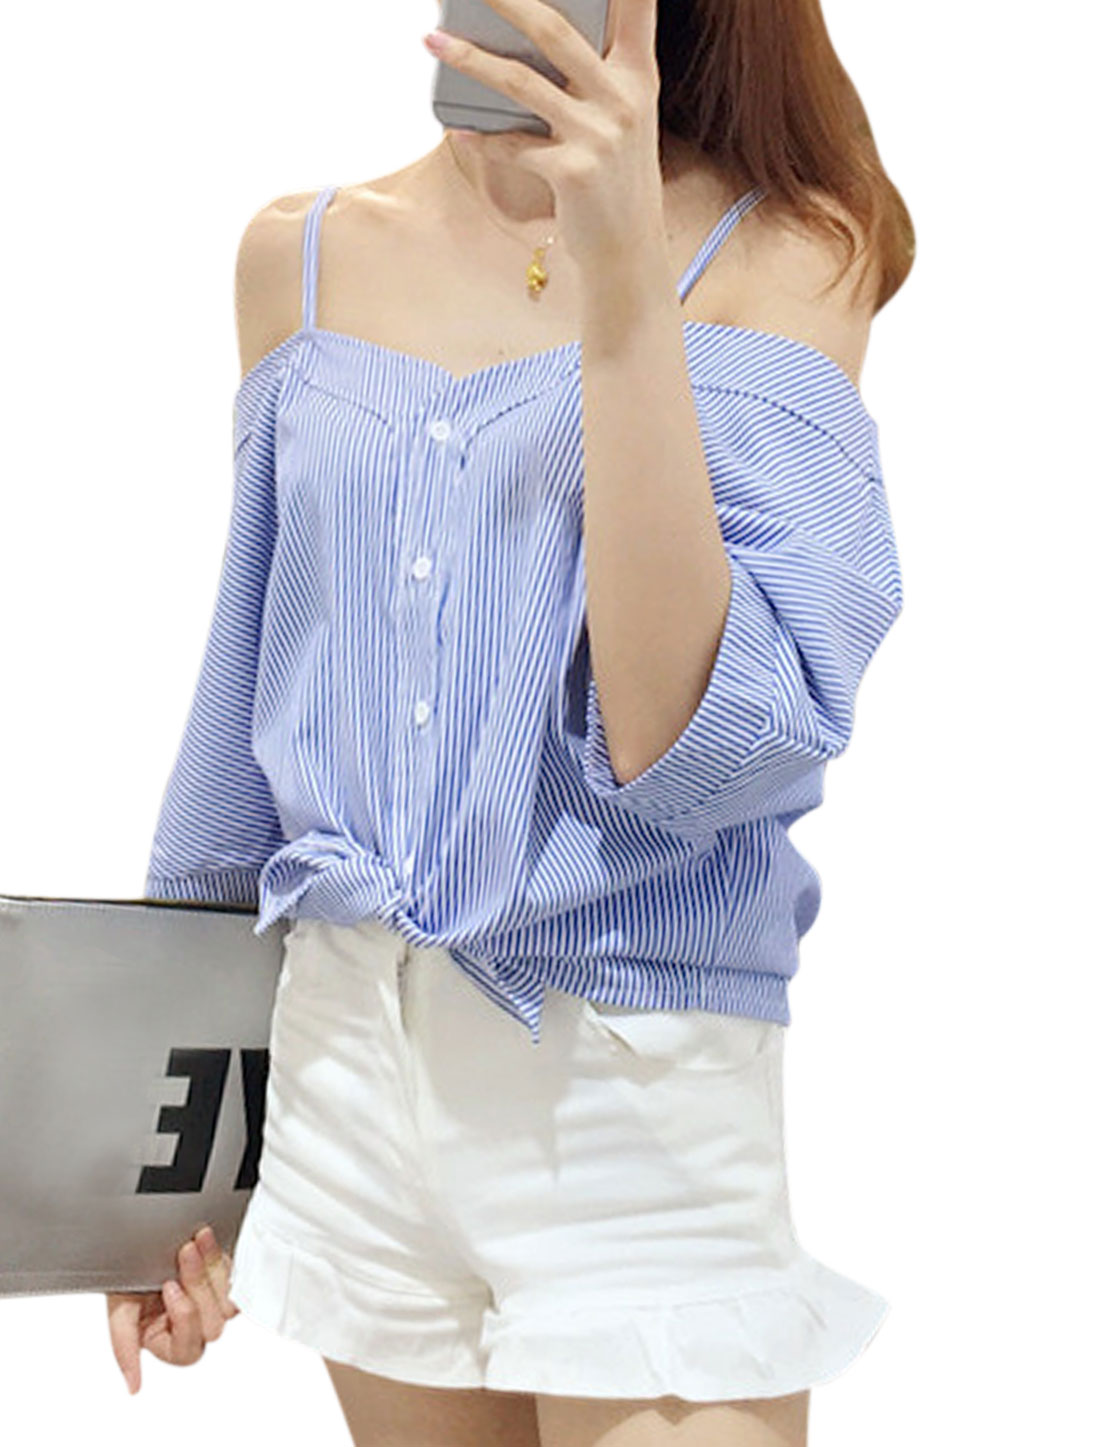 Woman Vertical Stripes Open Shoulder Button Down Spaghetti Straps Top Blue White XS